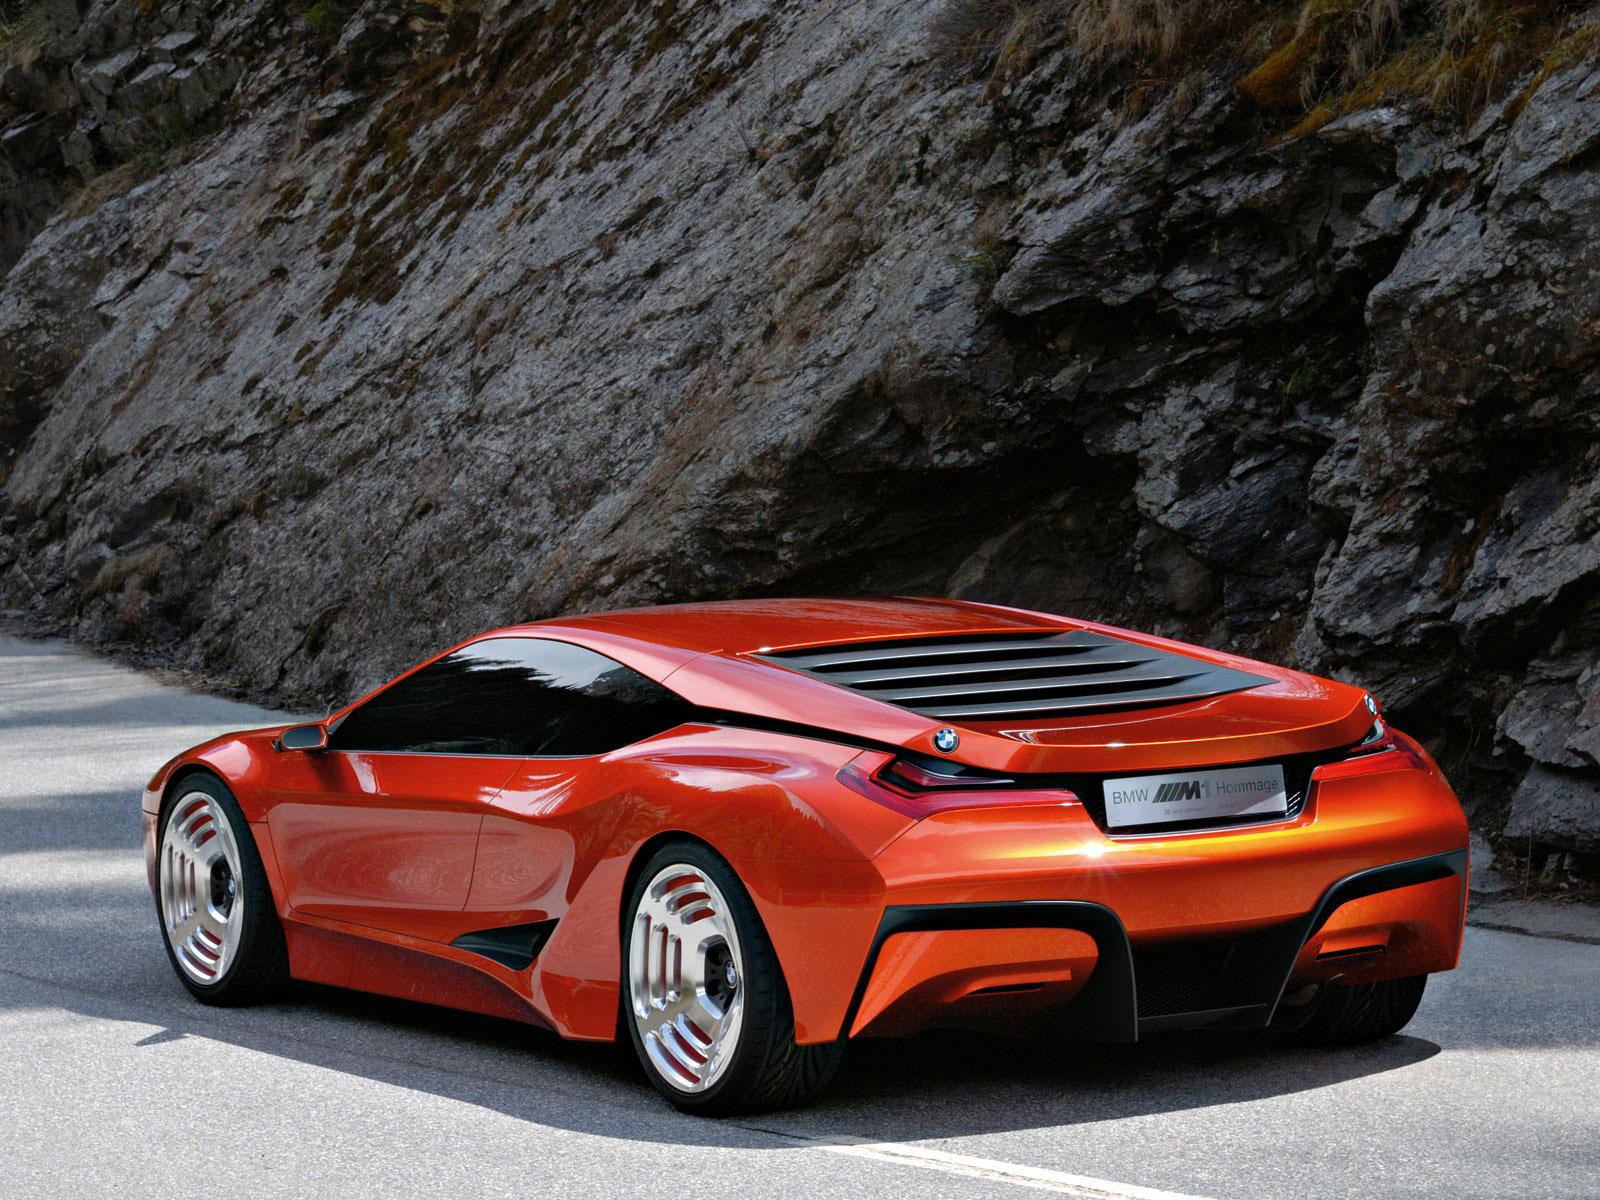 http://3.bp.blogspot.com/_gPeq-uTqpJQ/TT-0QtbtnFI/AAAAAAAAAEU/koUB924Vse0/s1600/BMW-M1_Concept009.jpg